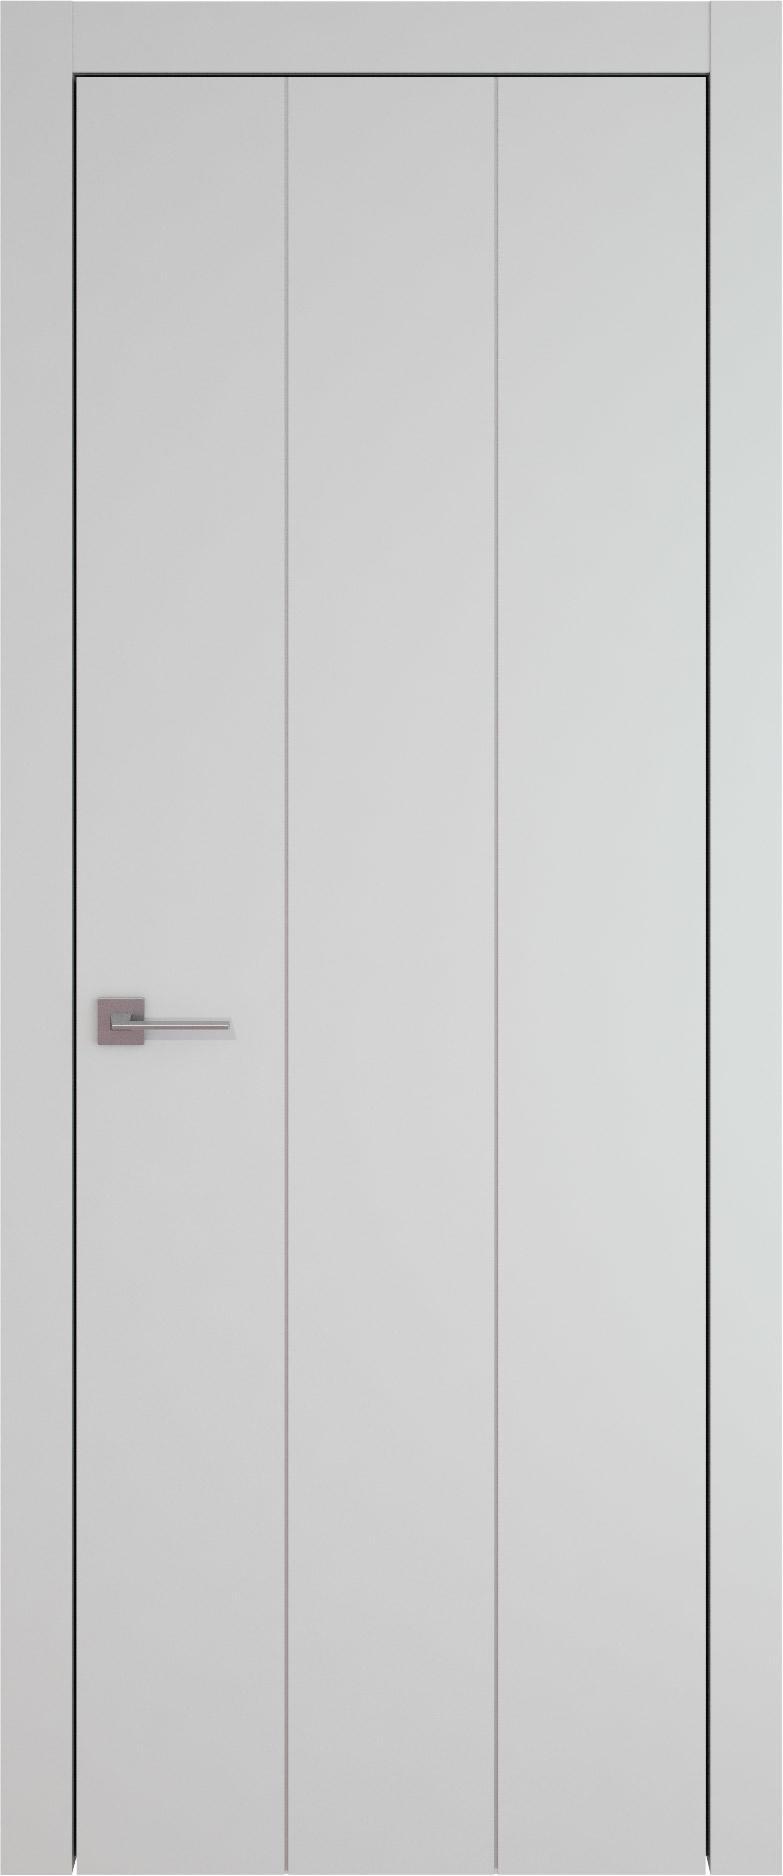 Tivoli Б-1 цвет - Серая эмаль (RAL 7047) Без стекла (ДГ)